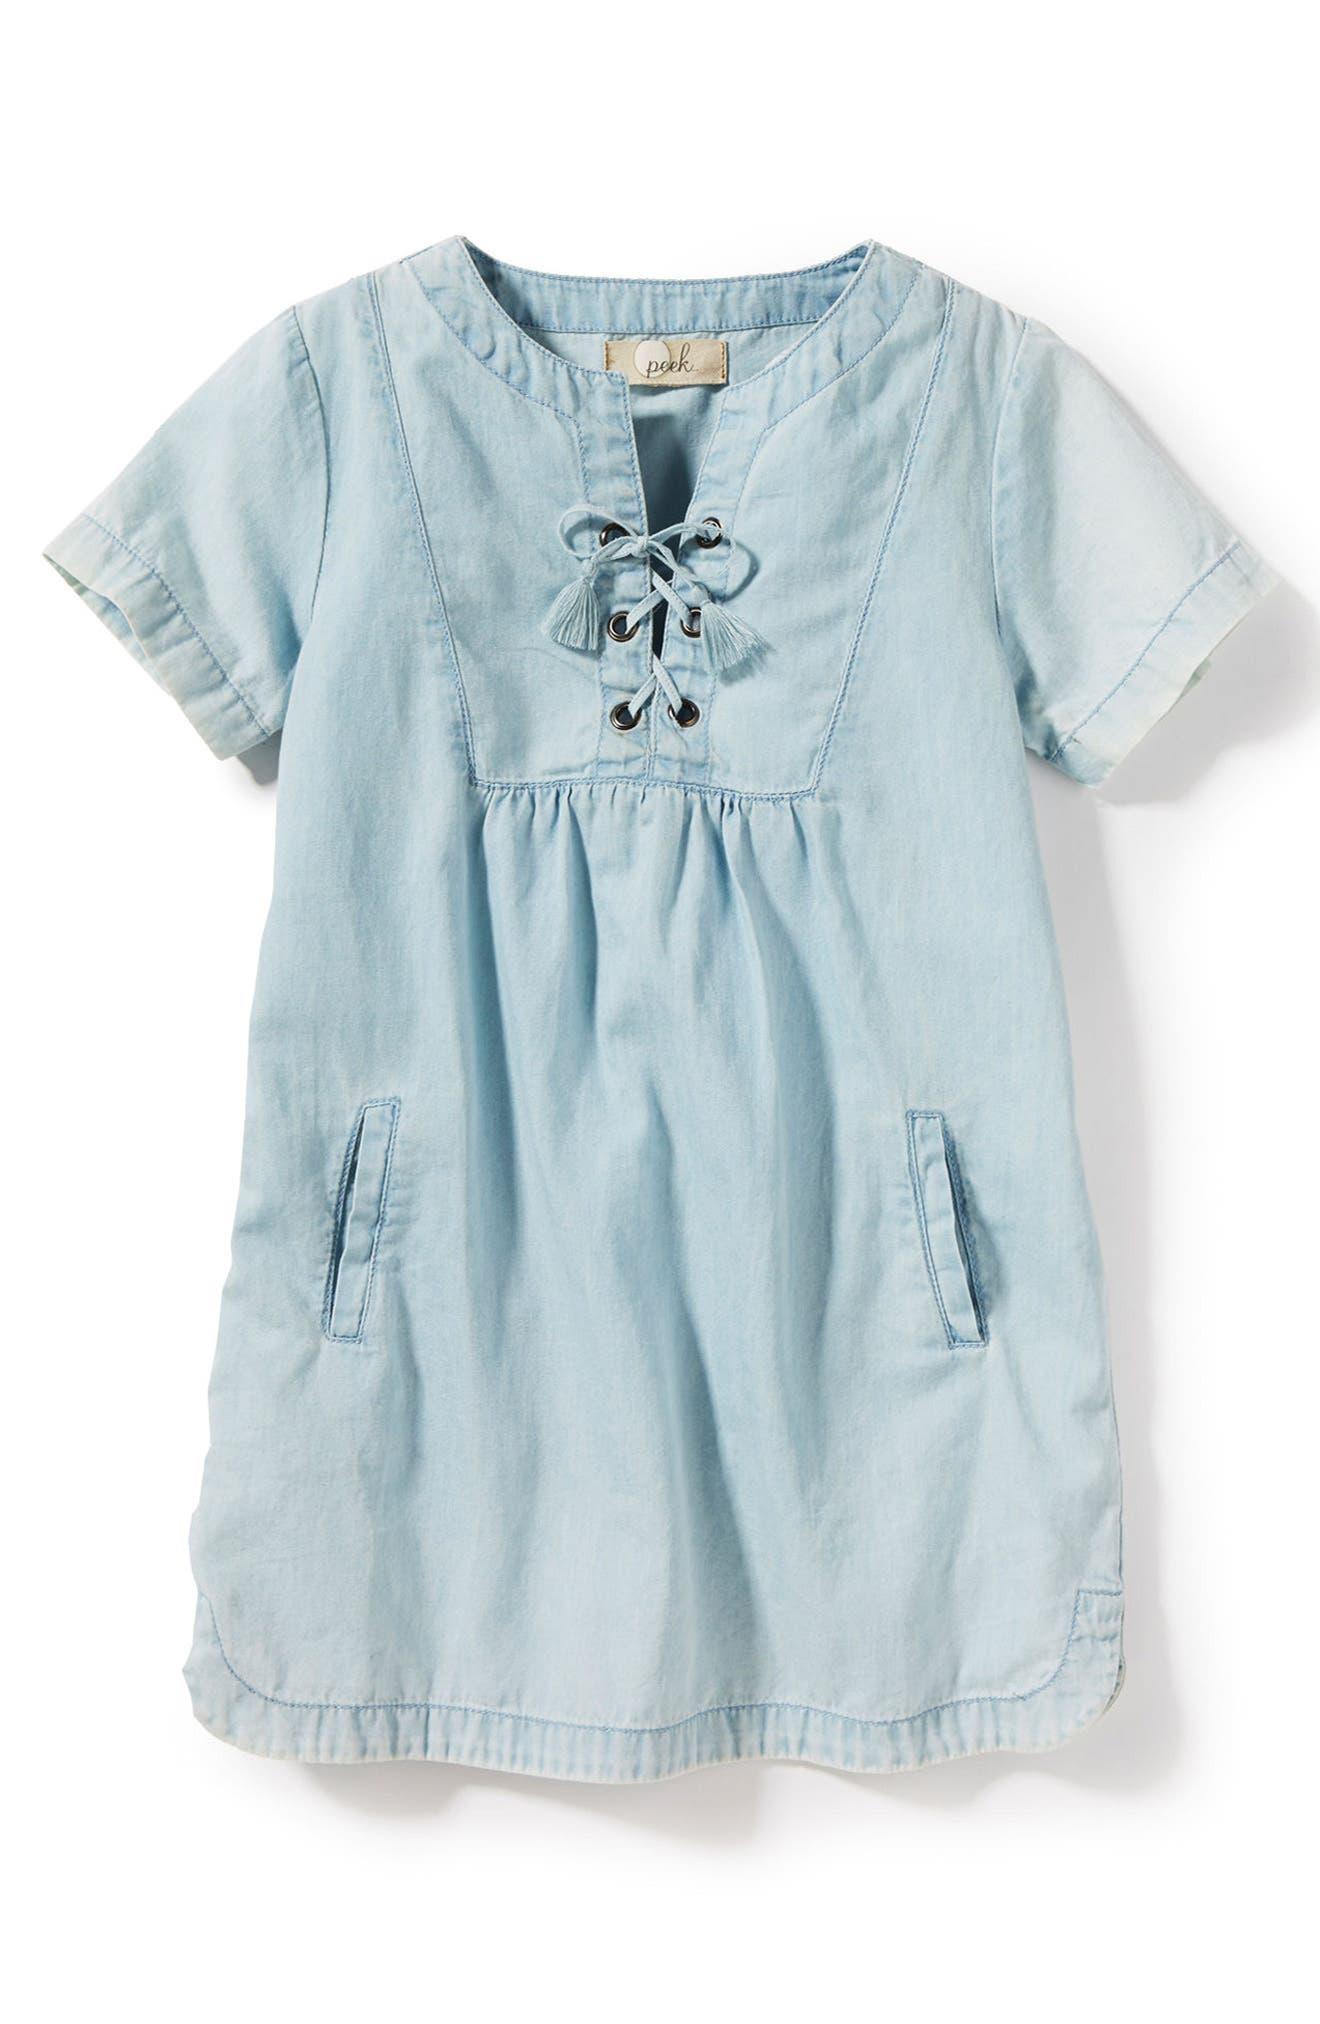 Malibu Chambray Dress,                             Main thumbnail 1, color,                             453